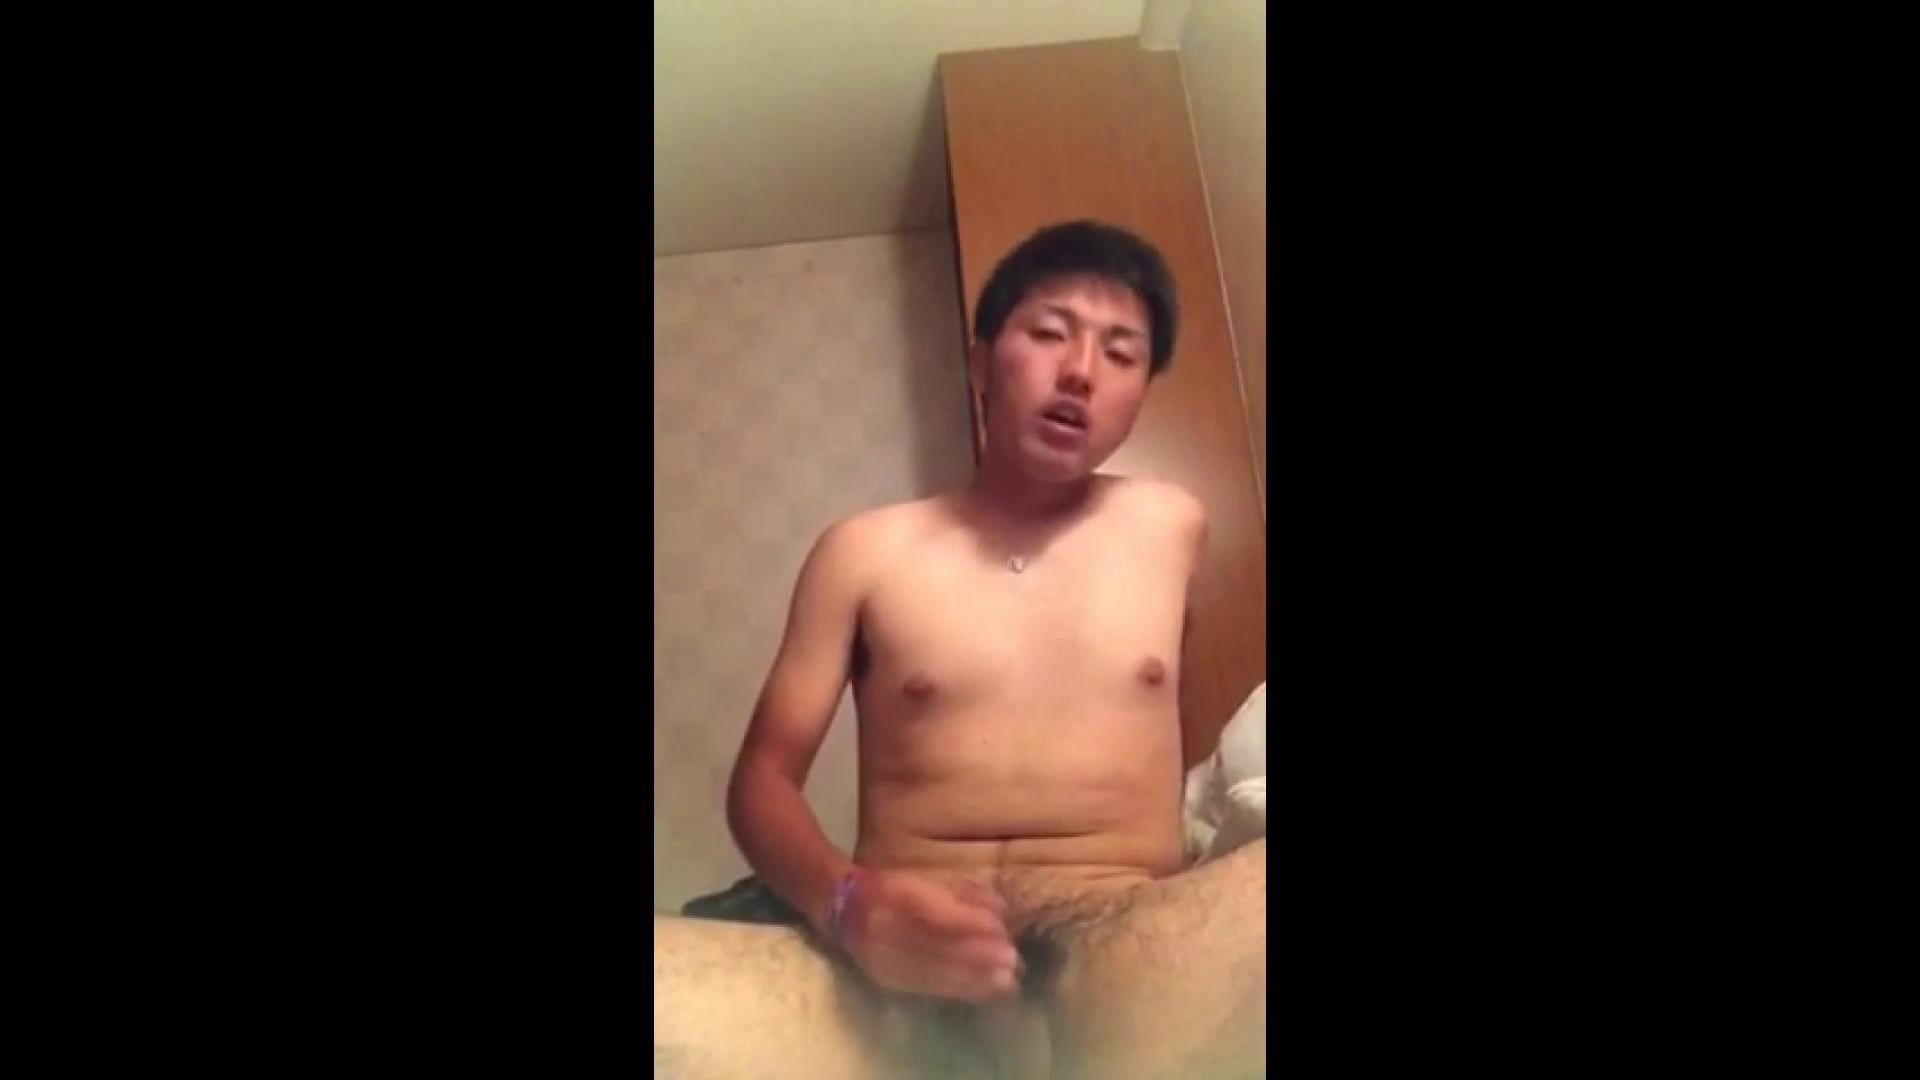 キター!ノンケちゃんオナニー特集vol.29 モザ無し | オナニー エロビデオ紹介 81枚 2